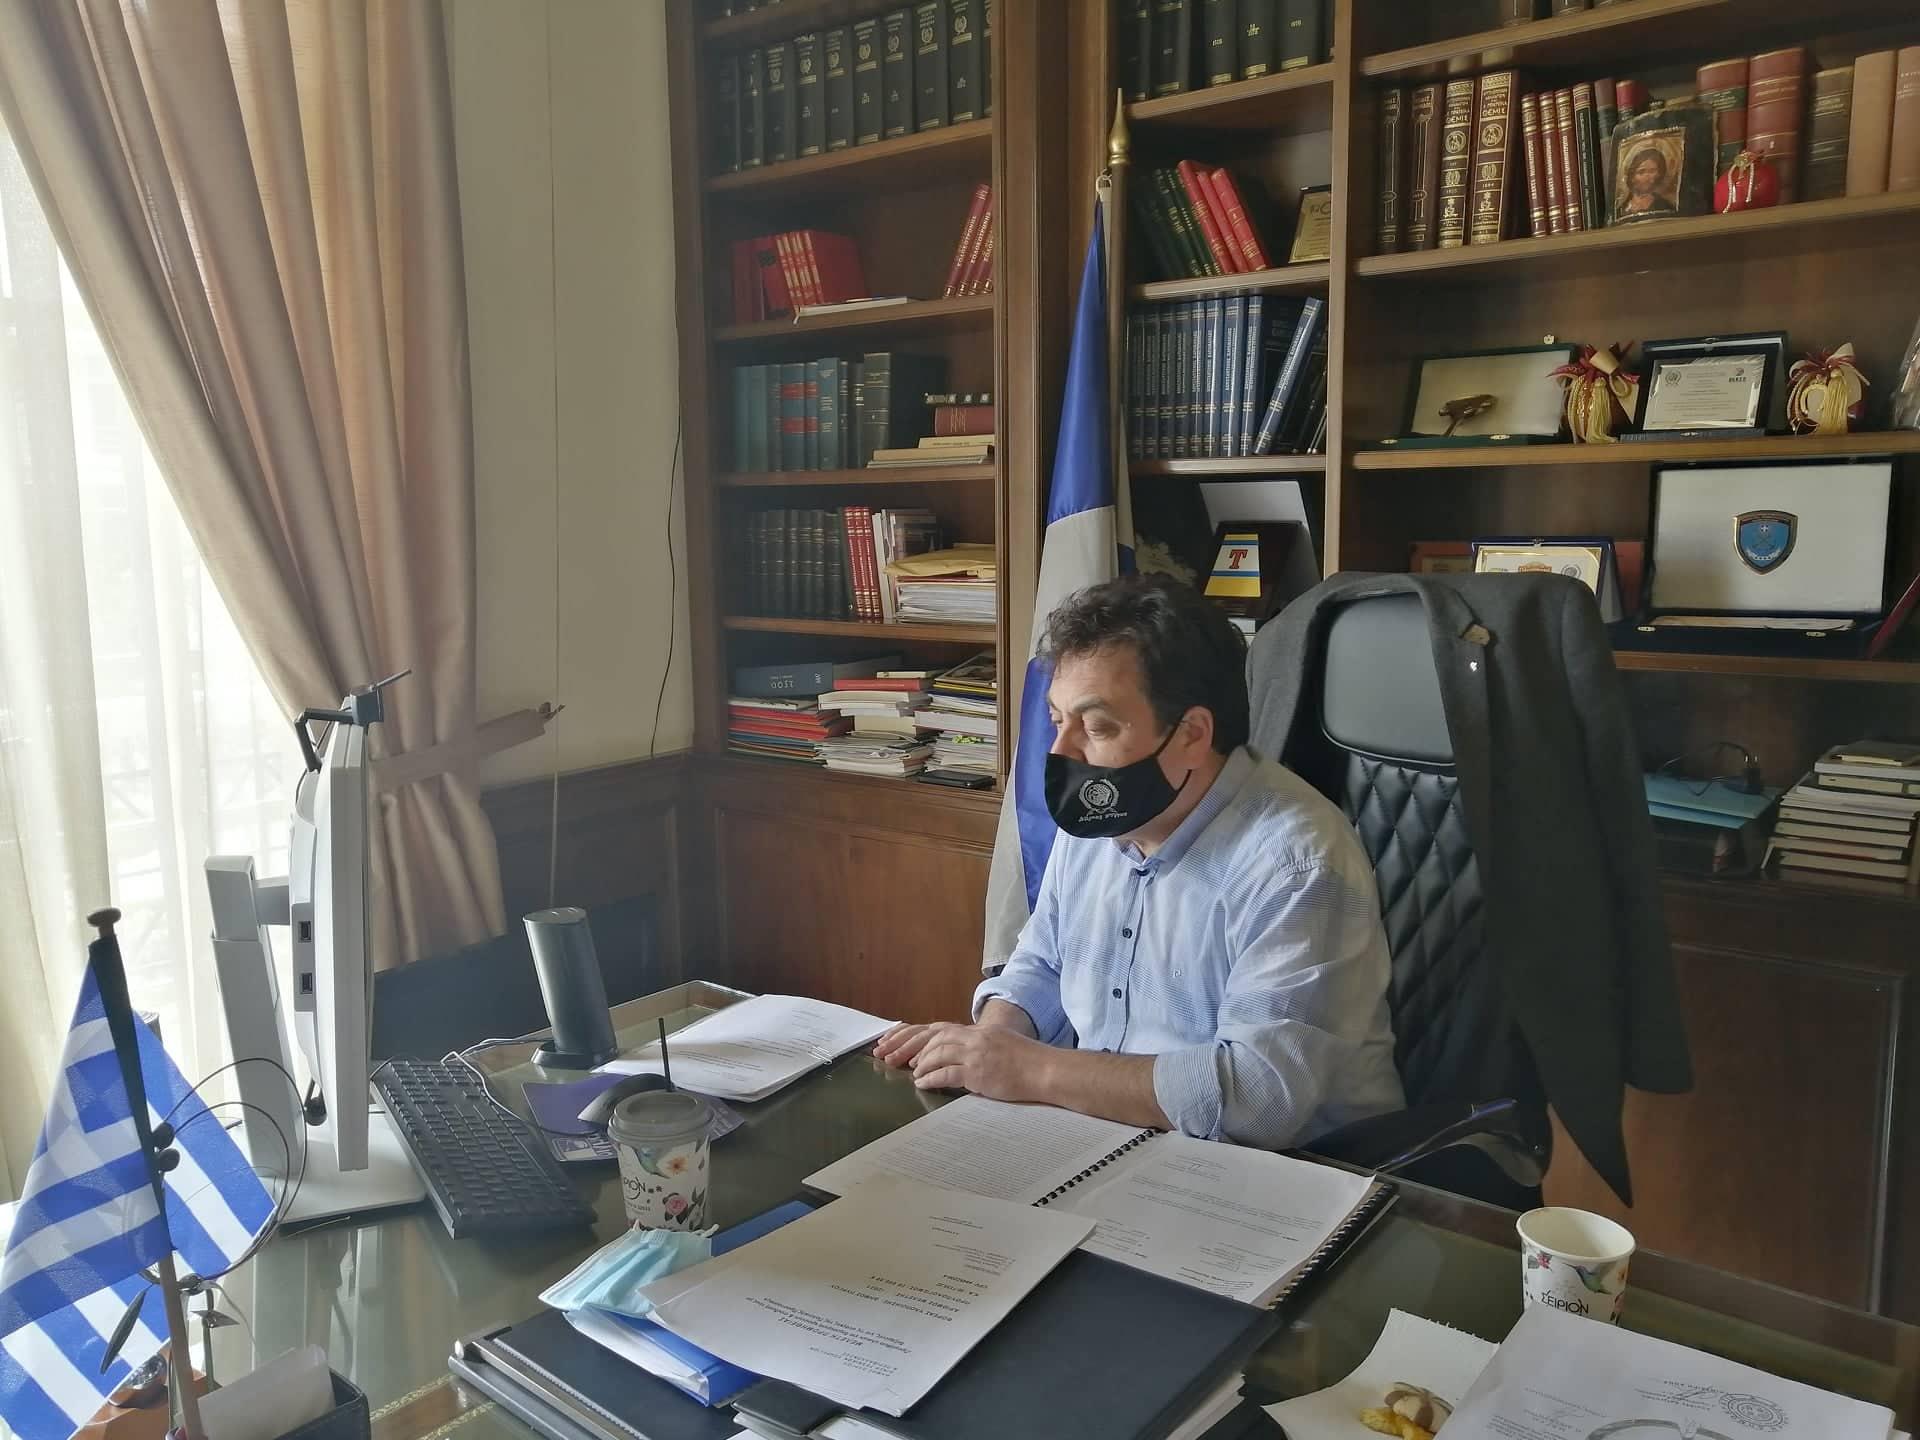 Δήμος Πύργου: Αναγνώριση της αποτελεσματικής λειτουργίας της Πολιτικής Προστασίας